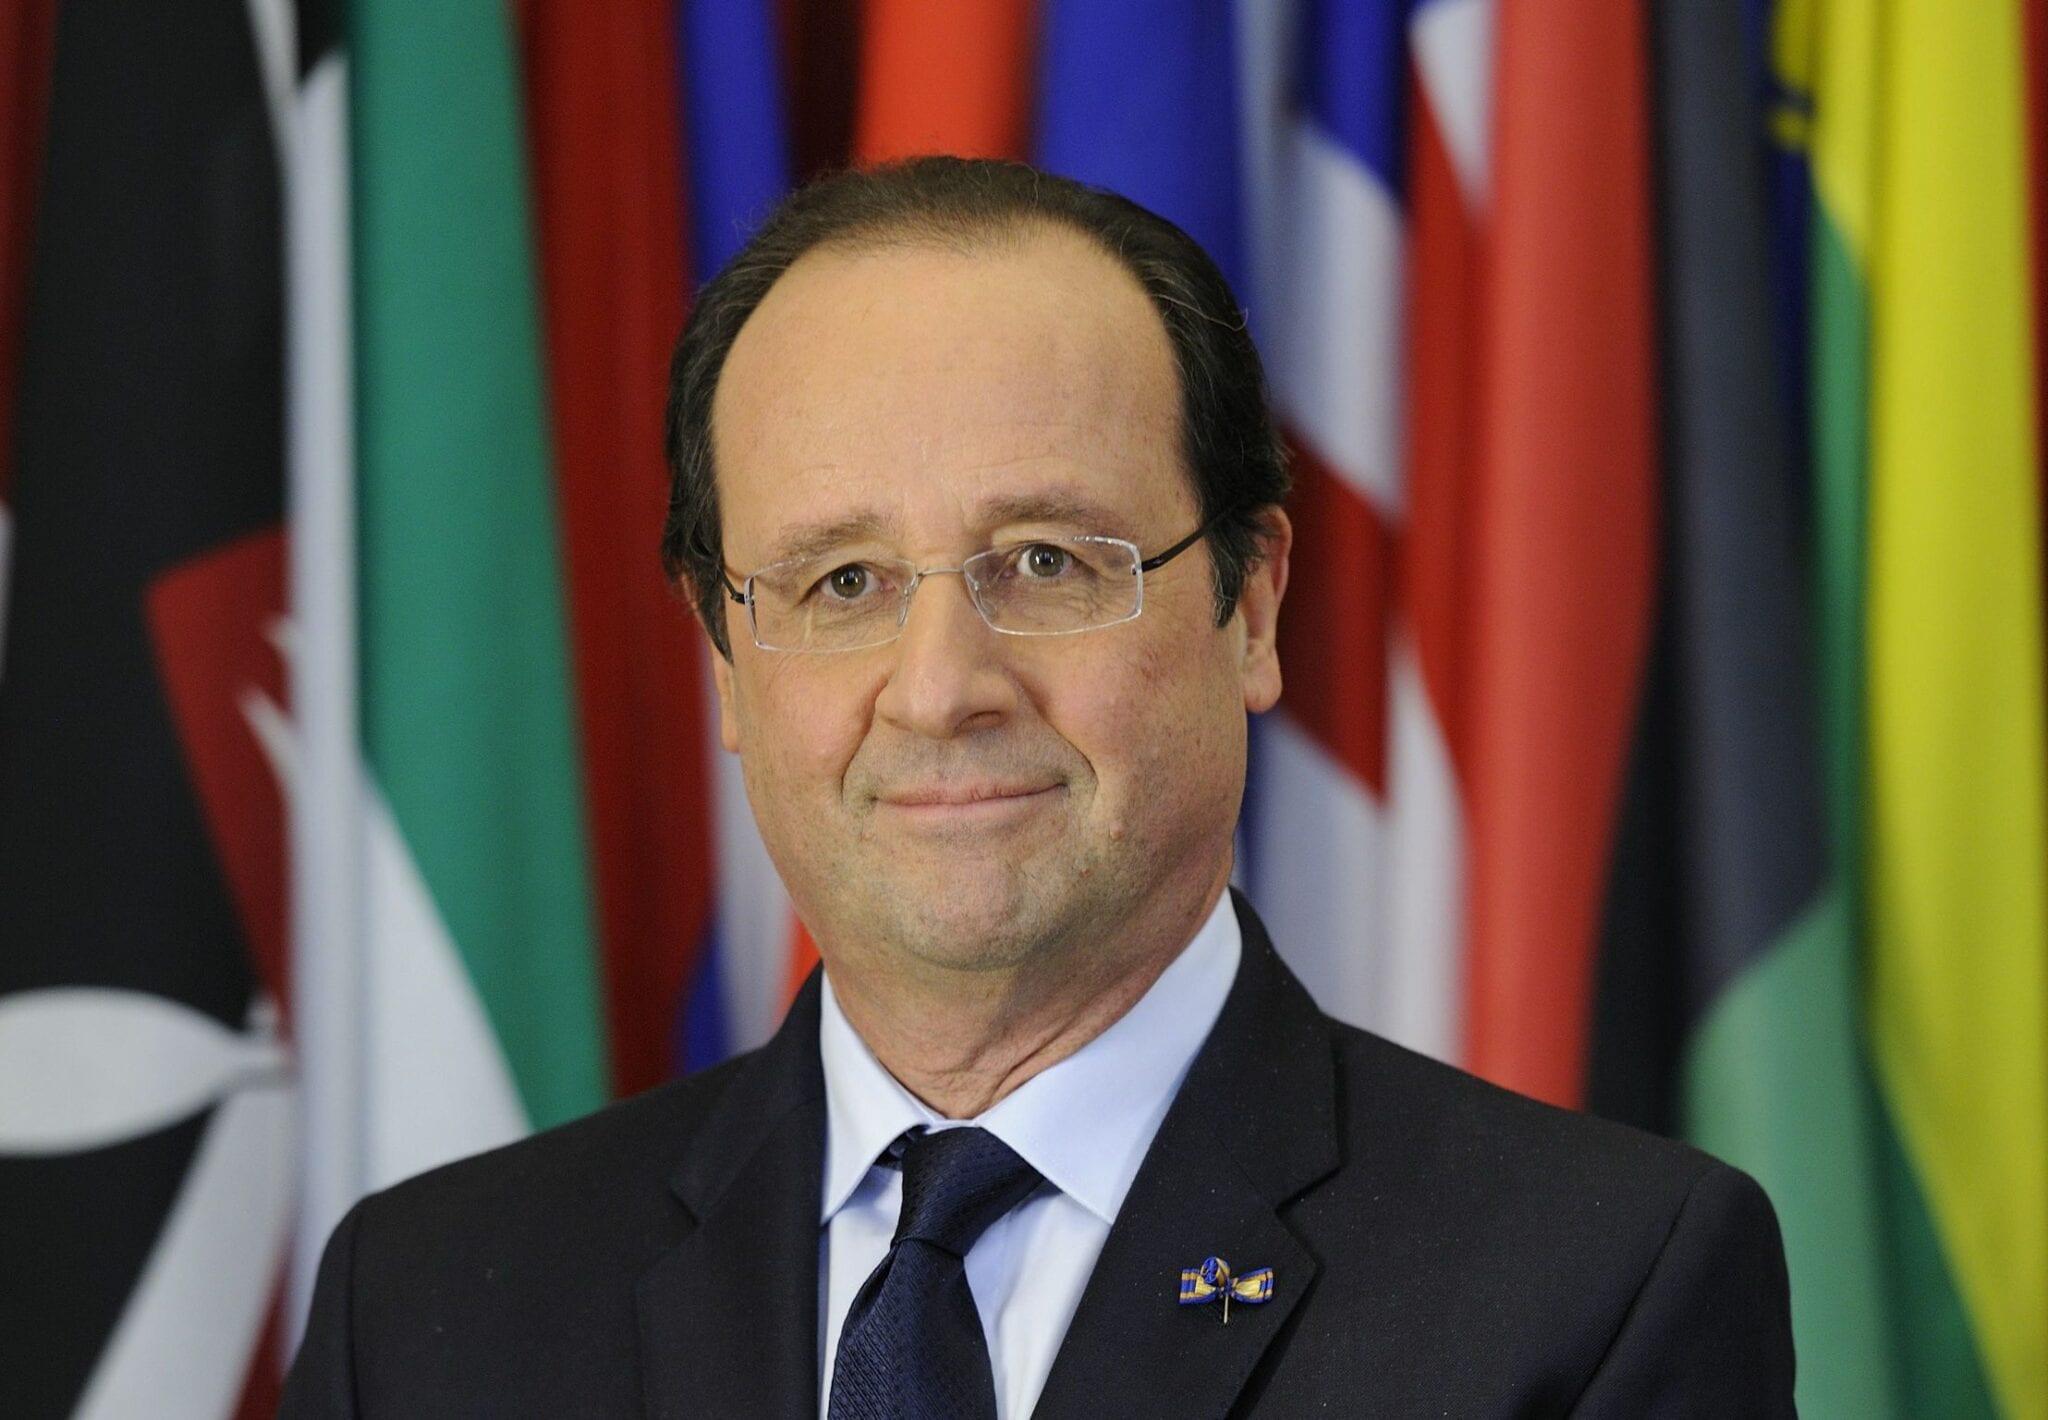 François Hollande réagit suite à la gifle reçue par Macron